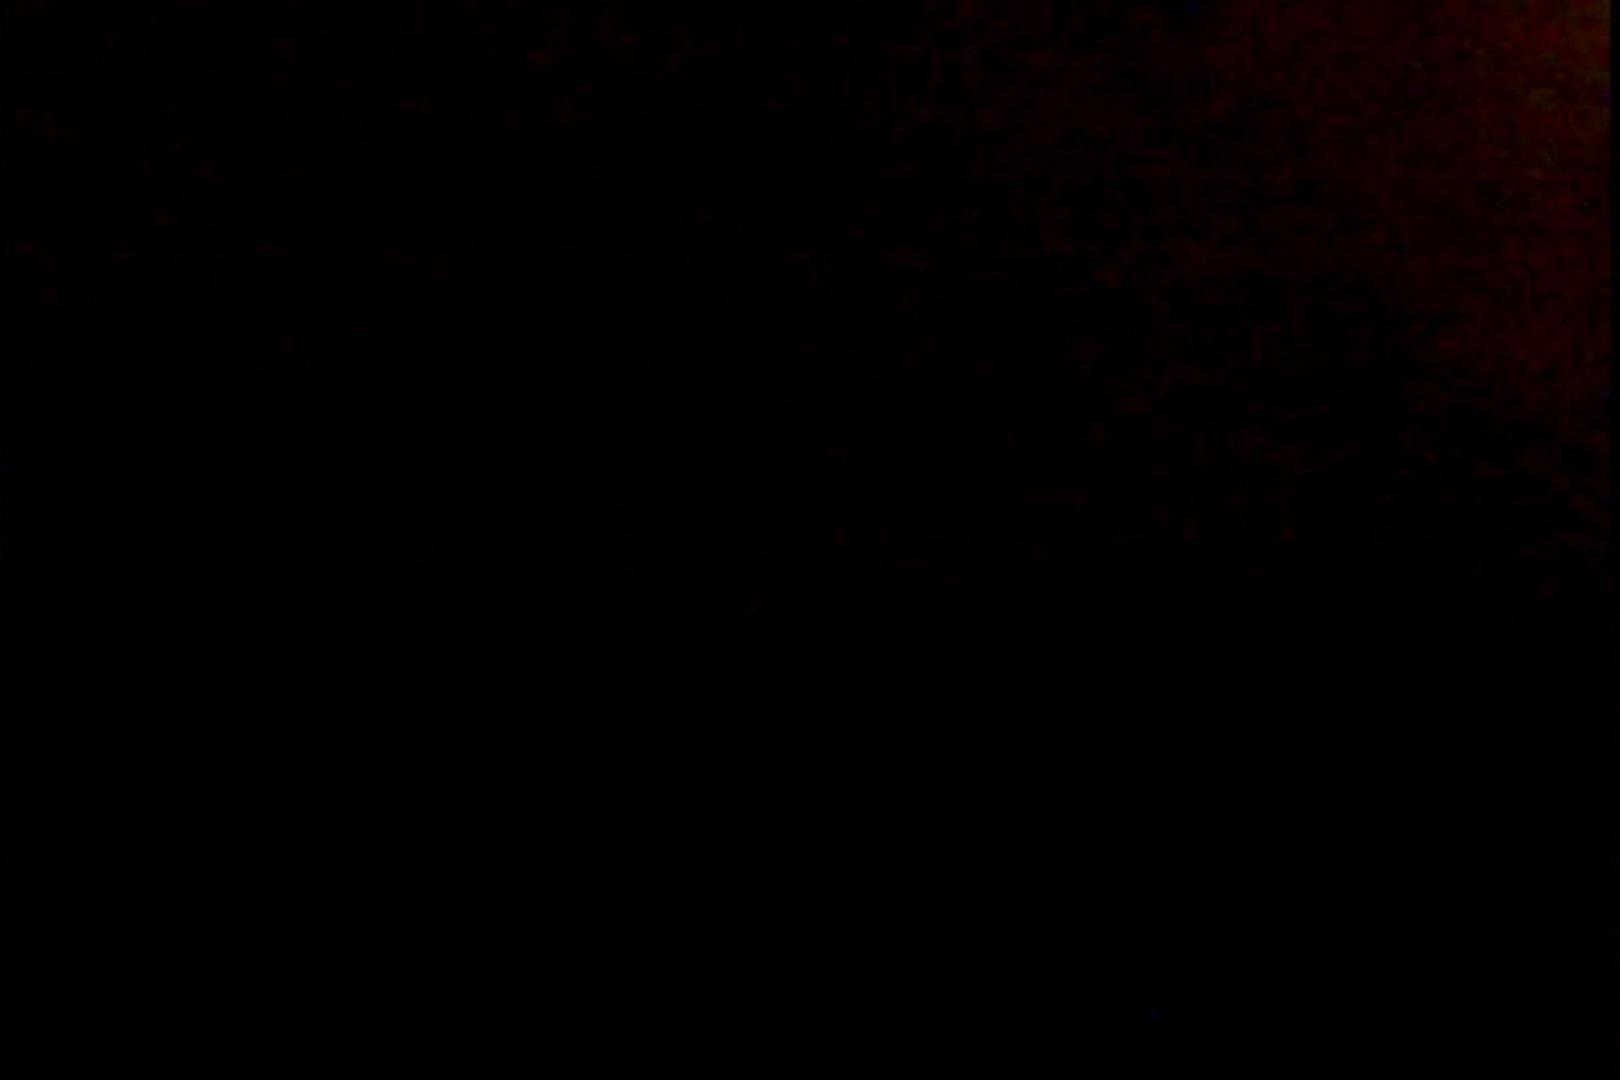 亀さんかわや VIPバージョン! vol.35 リアル黄金水 すけべAV動画紹介 64画像 53